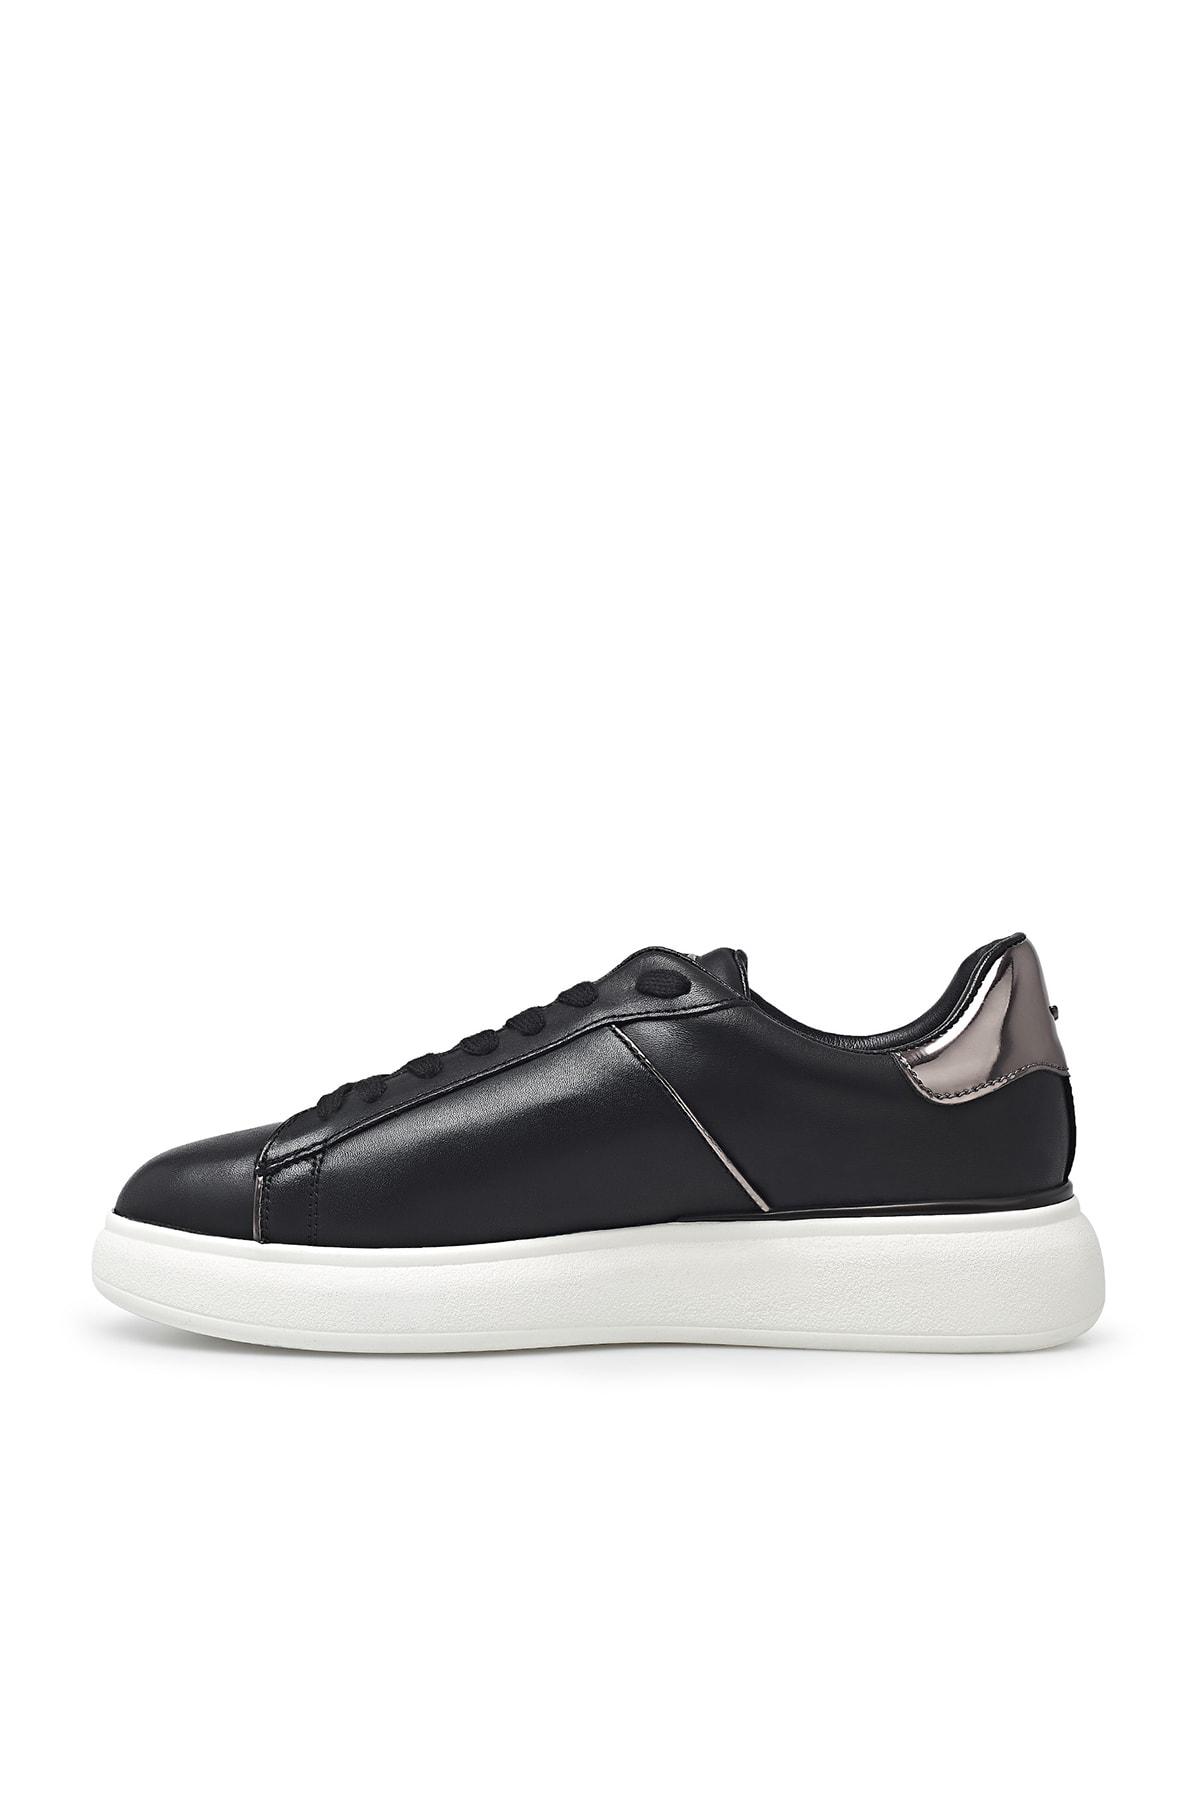 ALBERTO GUARDIANI Kadın Siyah Deri Ayakkabı Agw001601 2